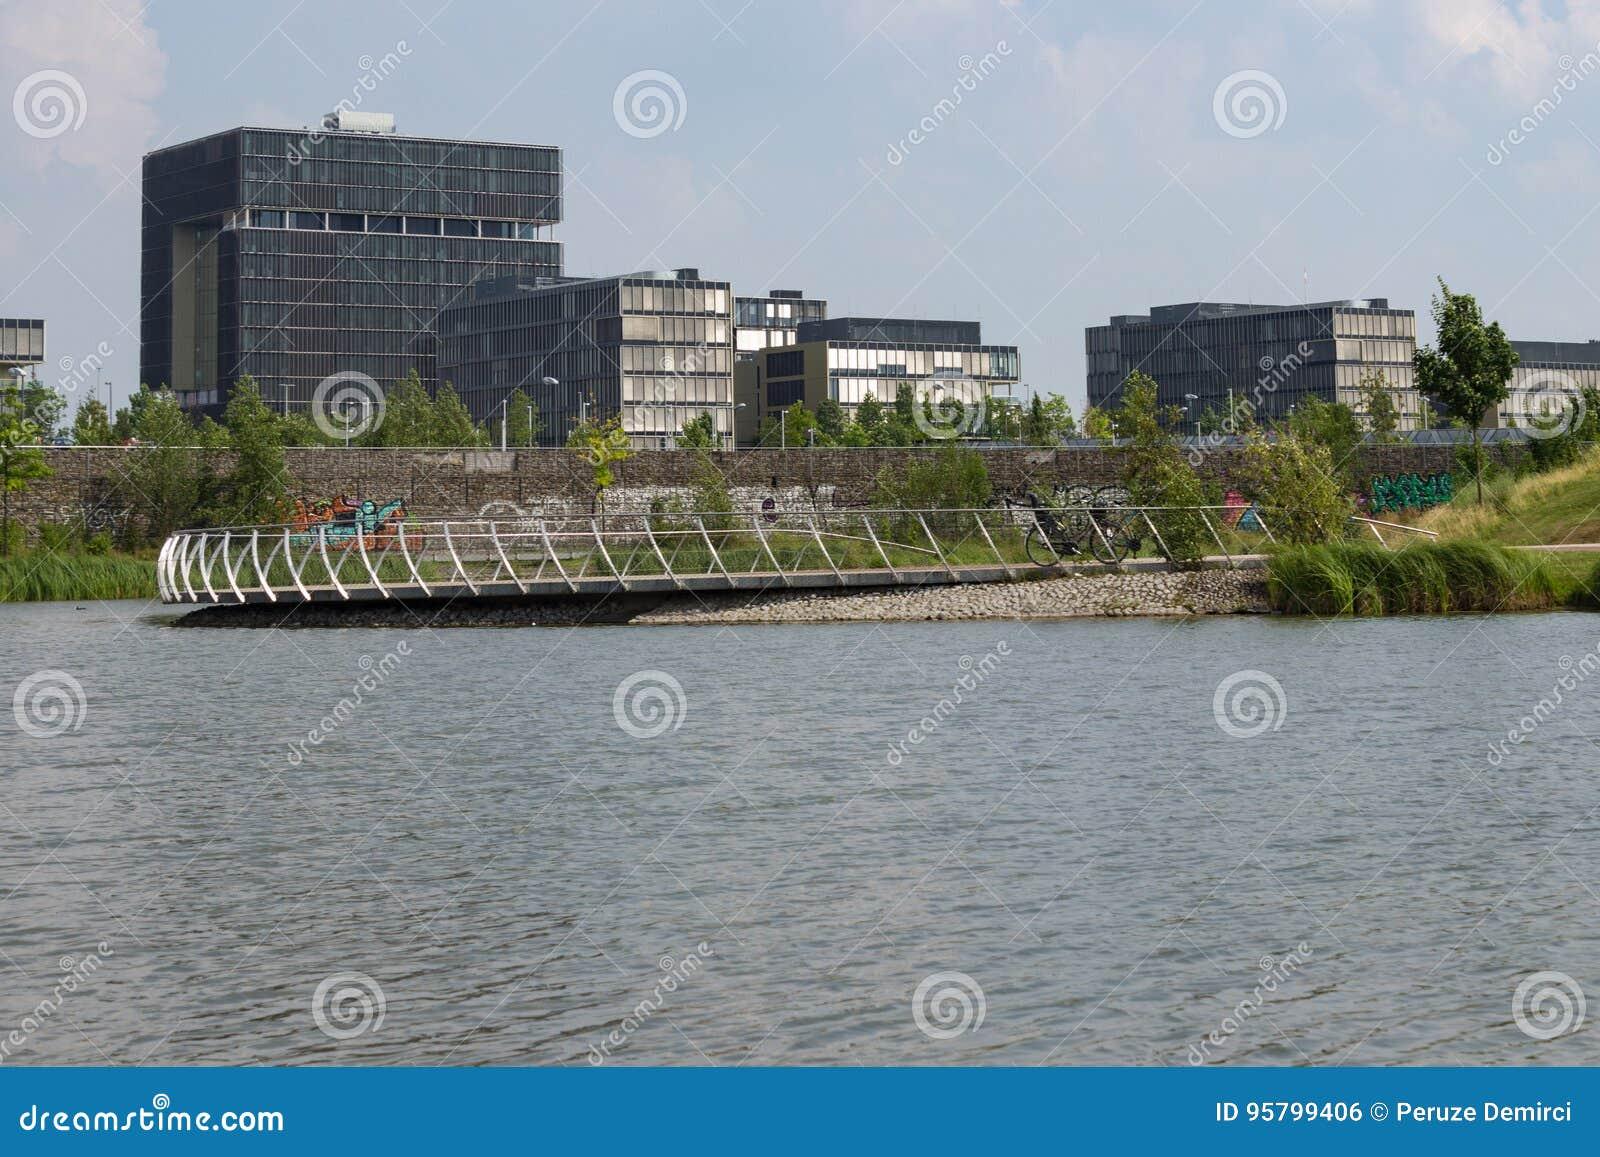 Krupp kwatery główne za jeziorem